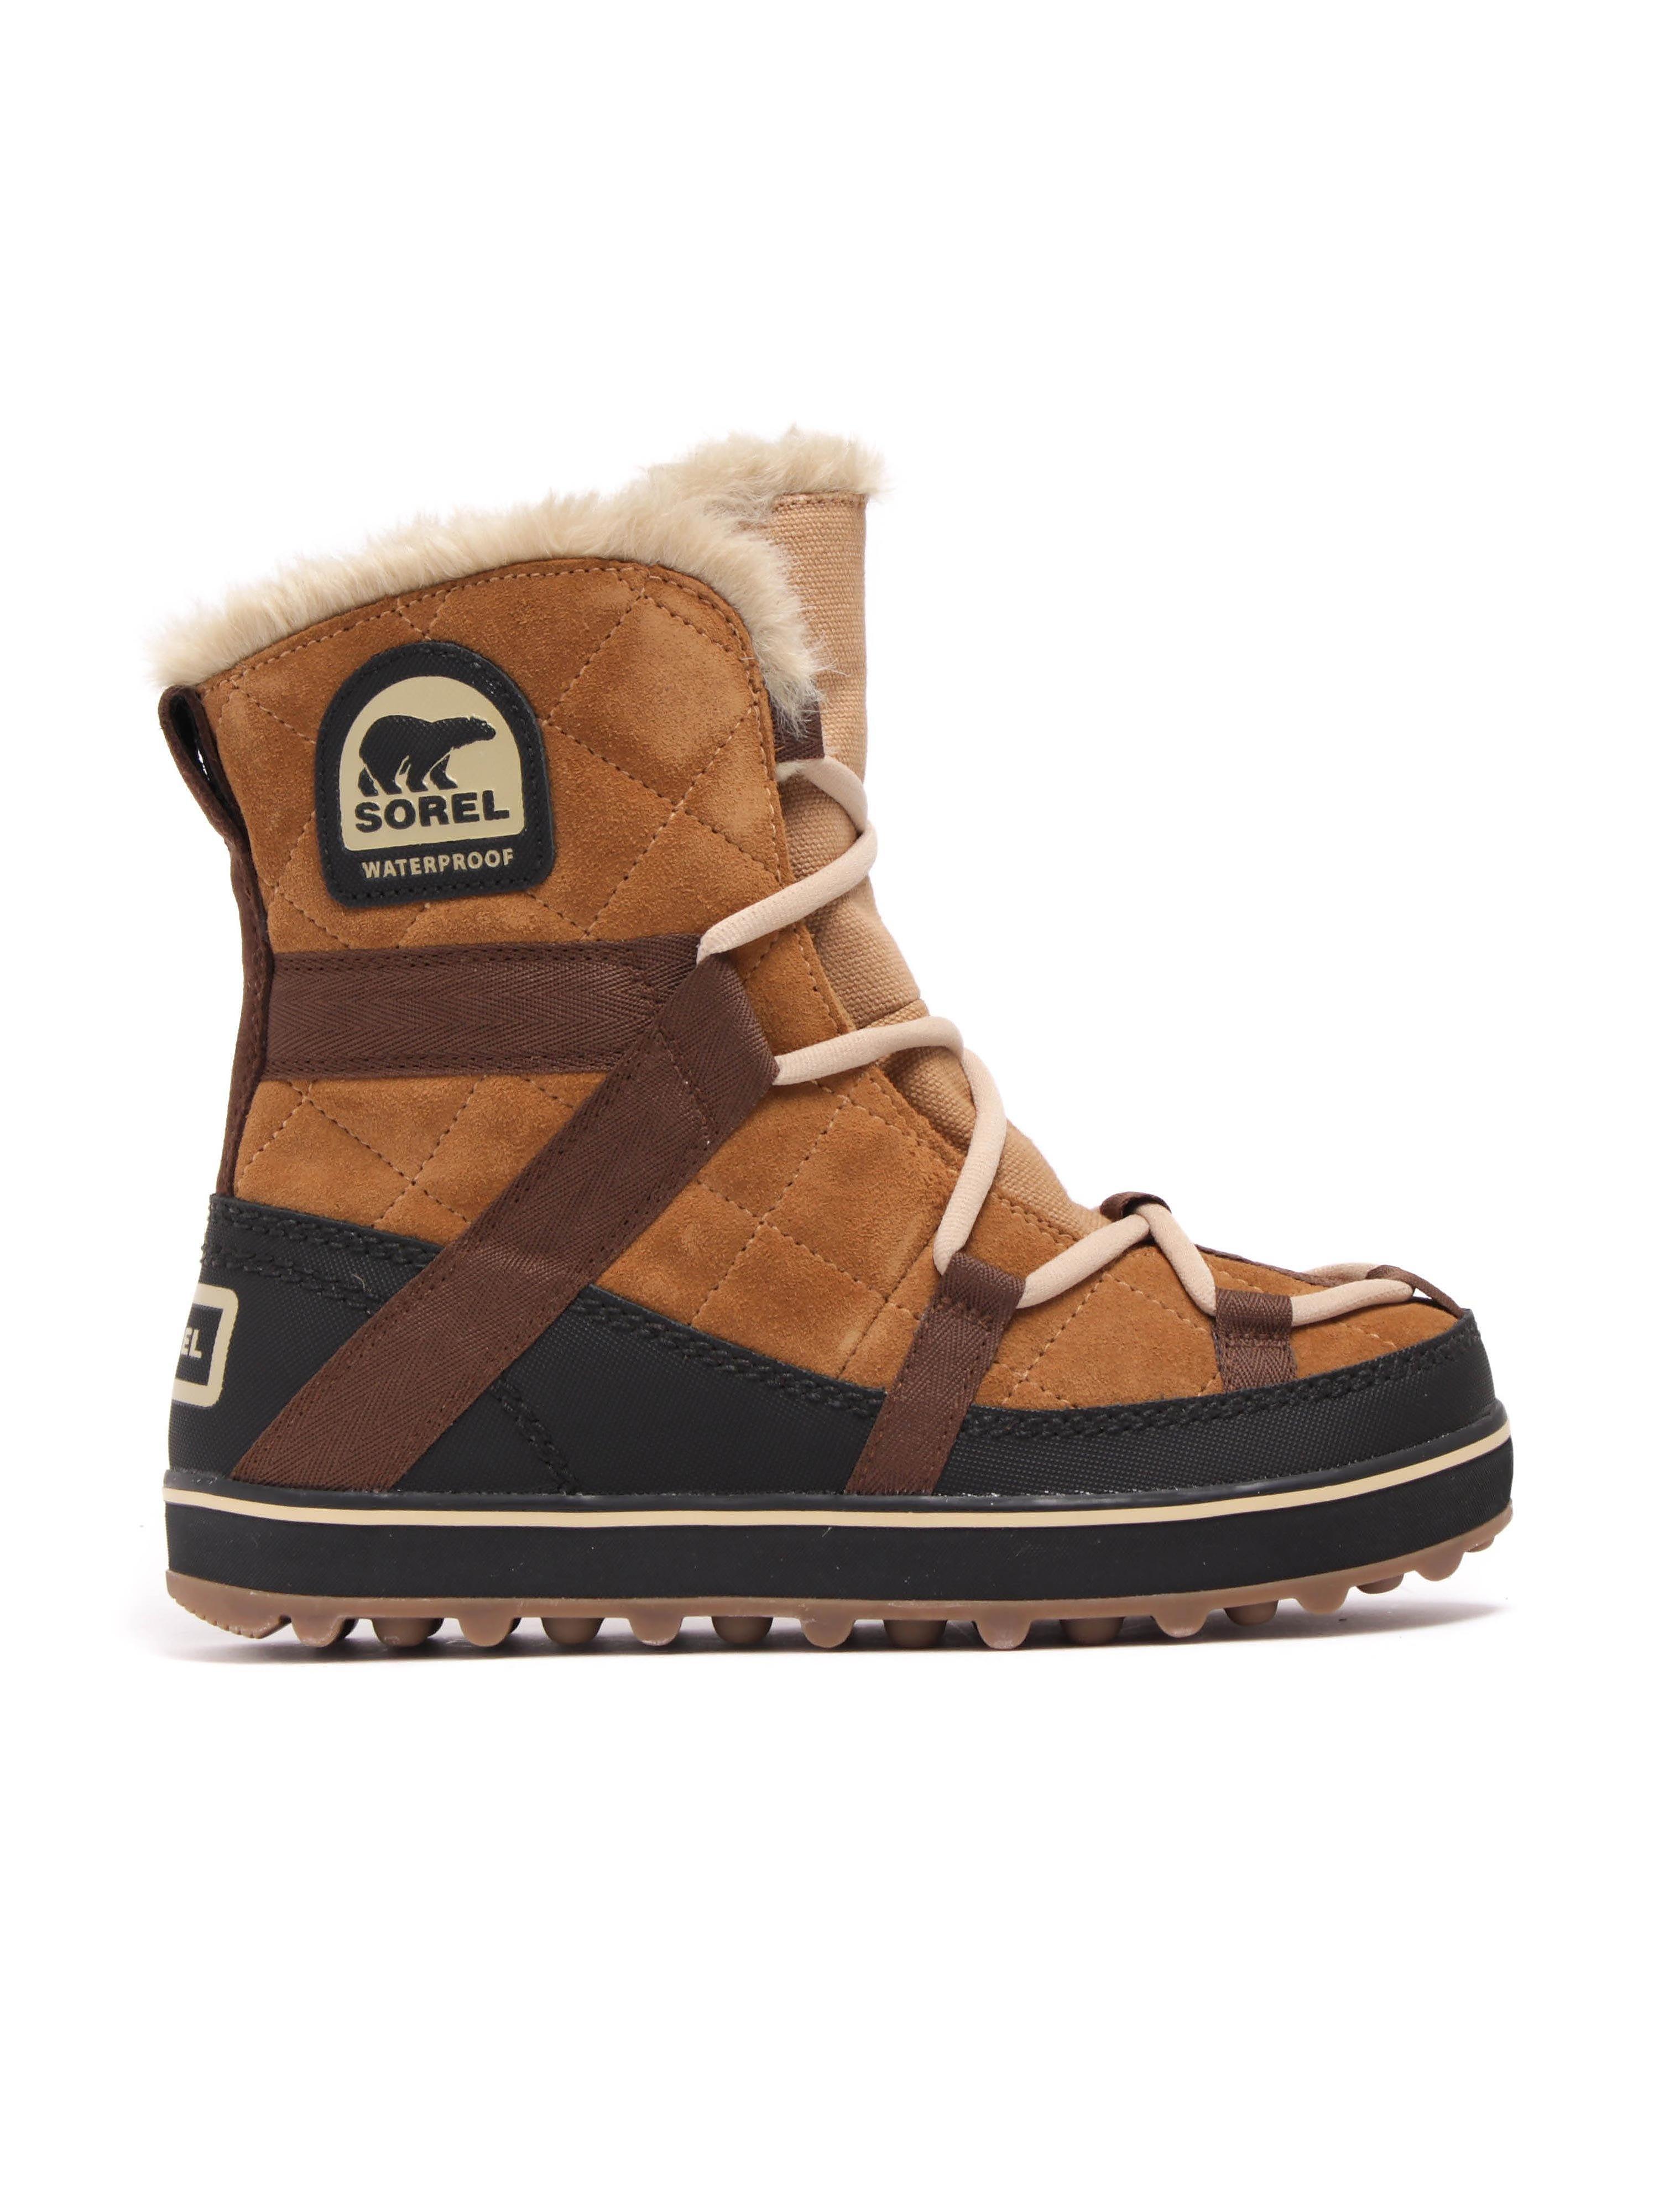 Sorel Women's Glacy Explorer Shortie Boots - Elk